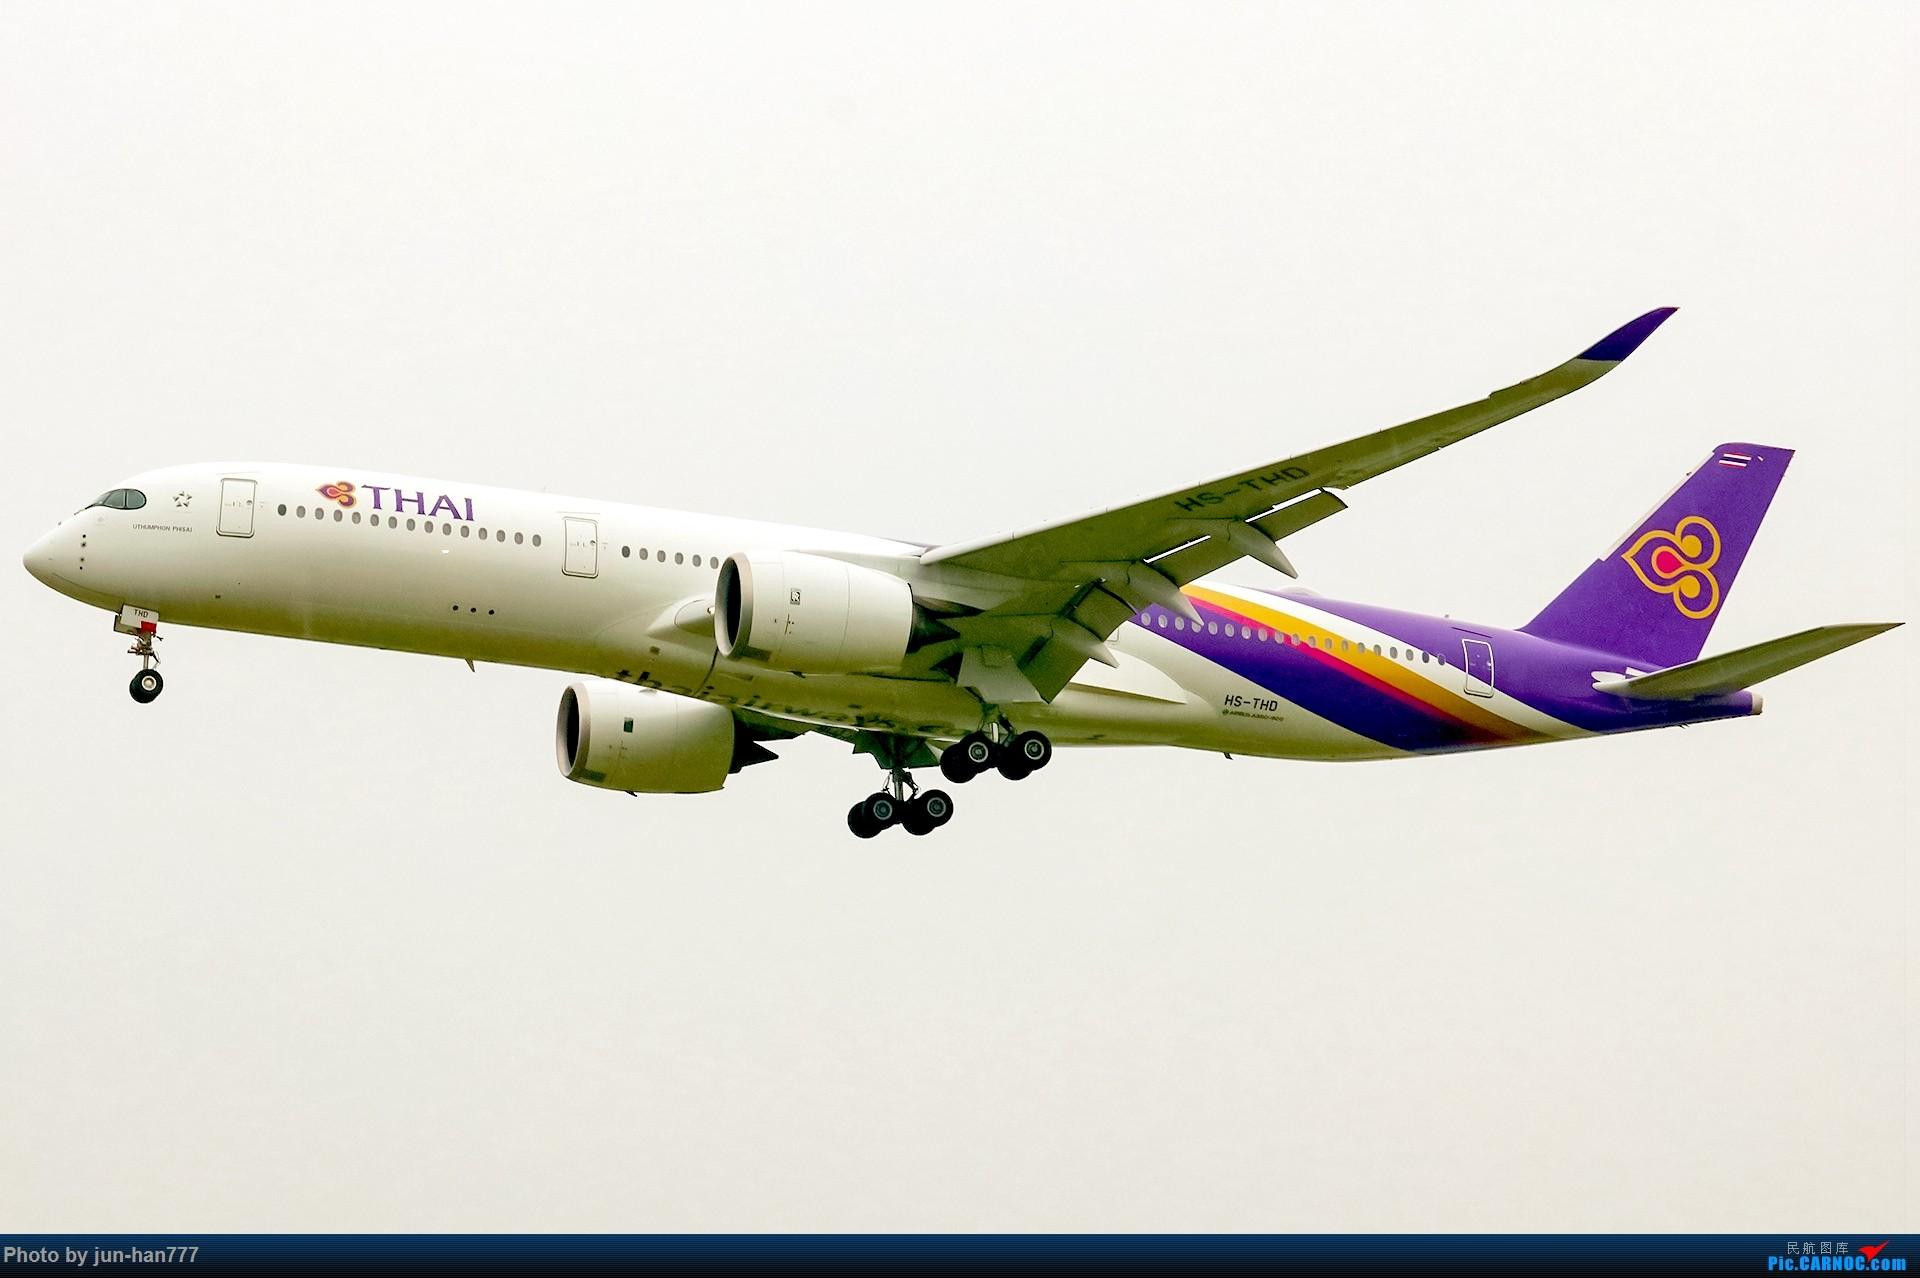 Re:[原创]PEK|01|36R|天空多灰,它们亦放亮 AIRBUS A350-900